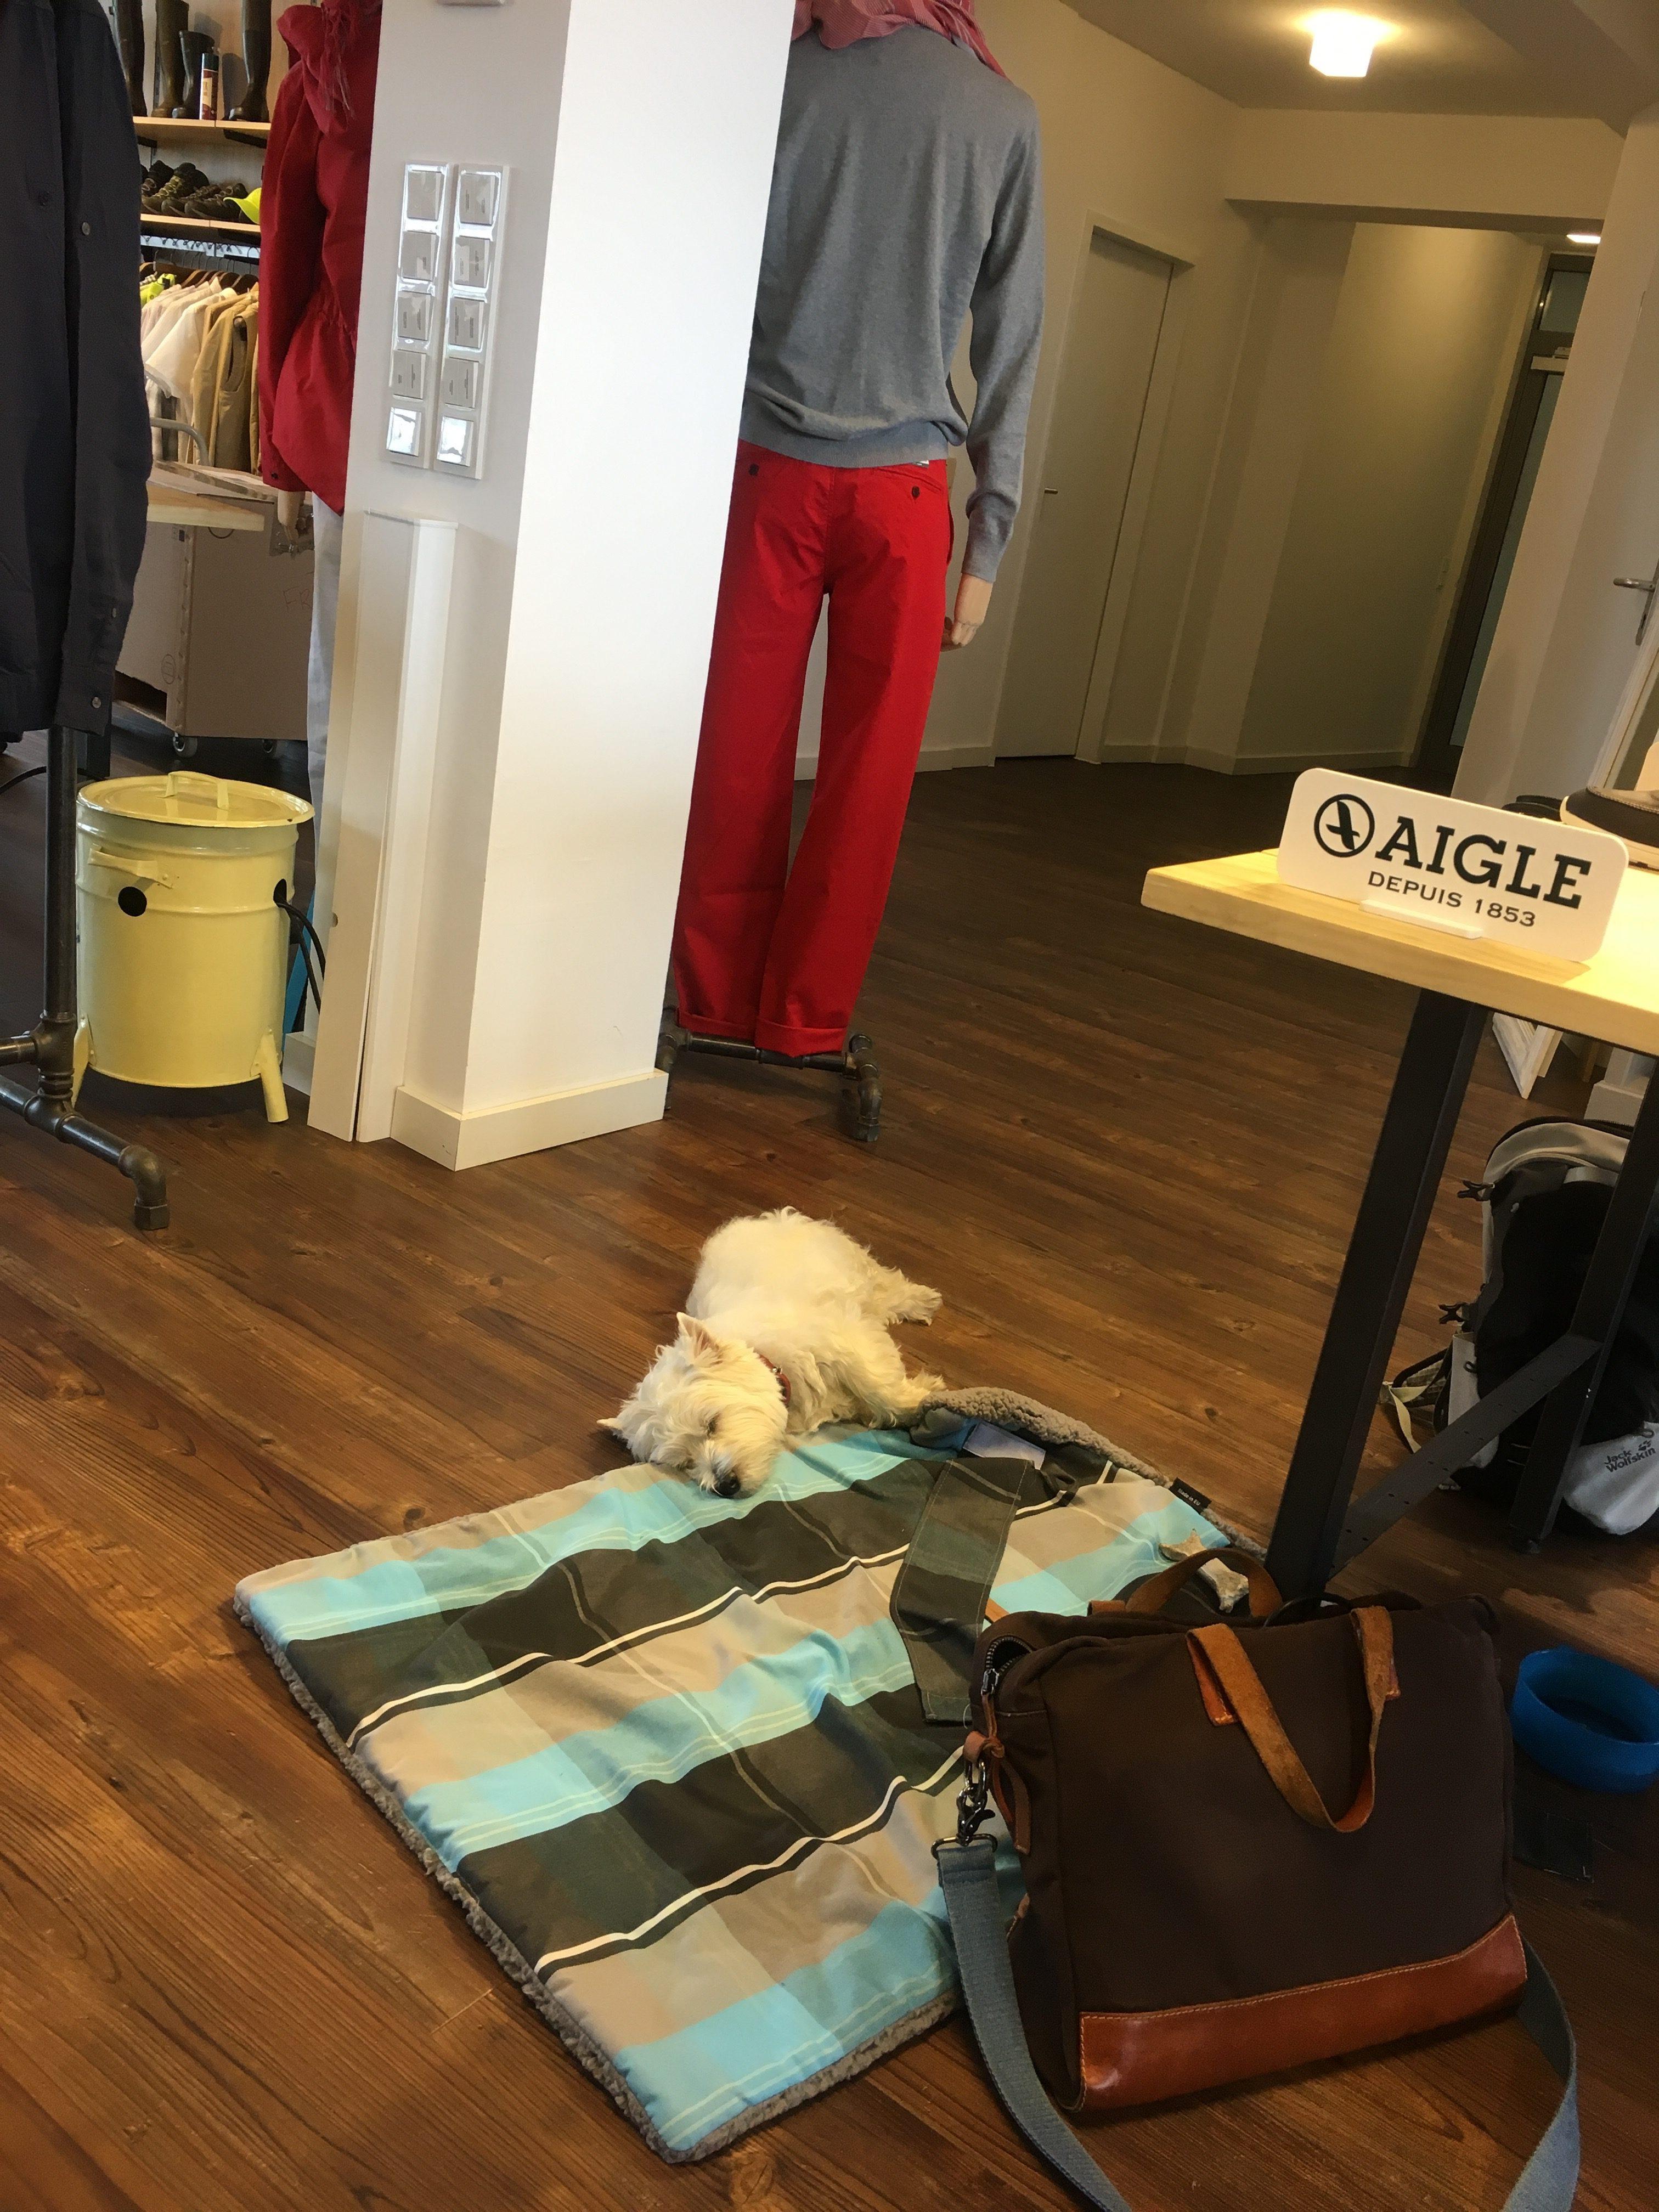 zeigt einen Hund im SHowroom